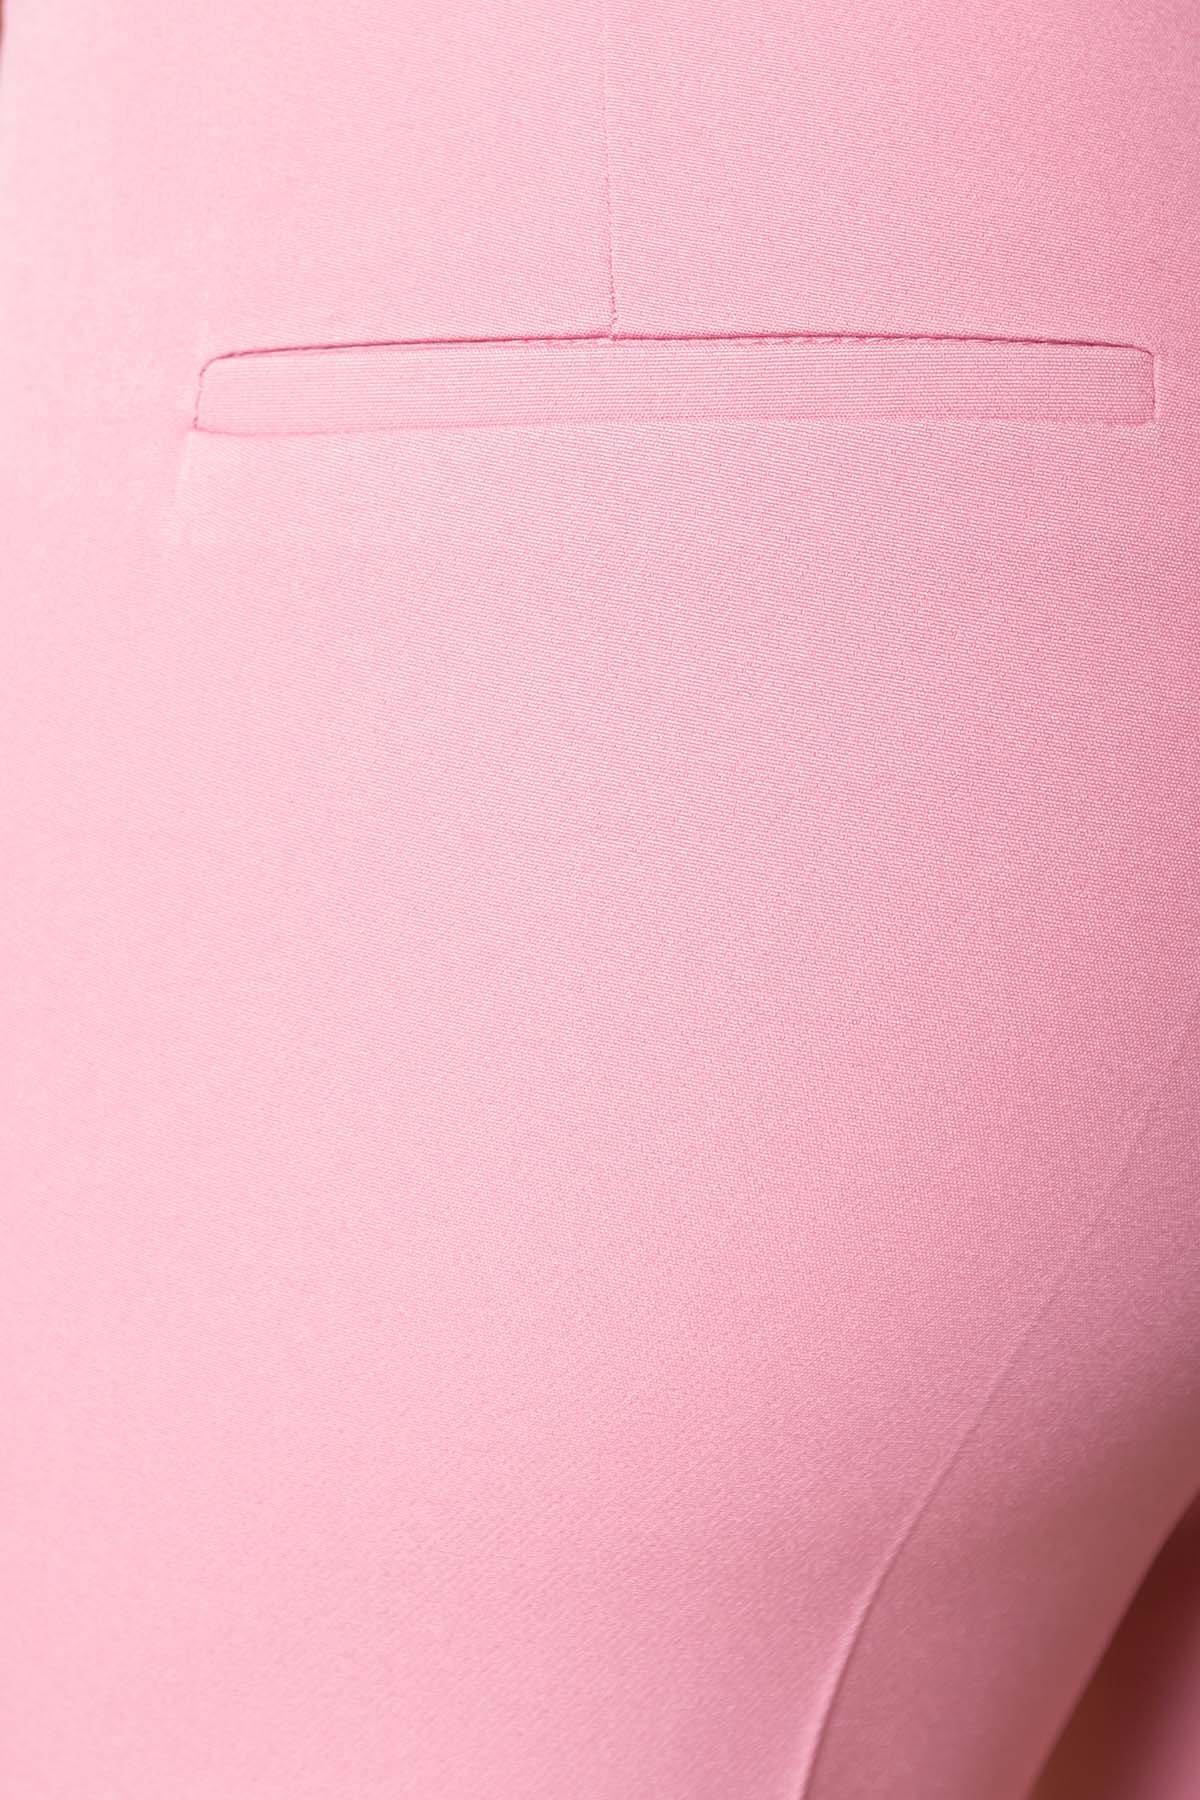 Базовые брюки со стрелками Эдвин 2467 АРТ. 41707 Цвет: Пудра - фото 5, интернет магазин tm-modus.ru